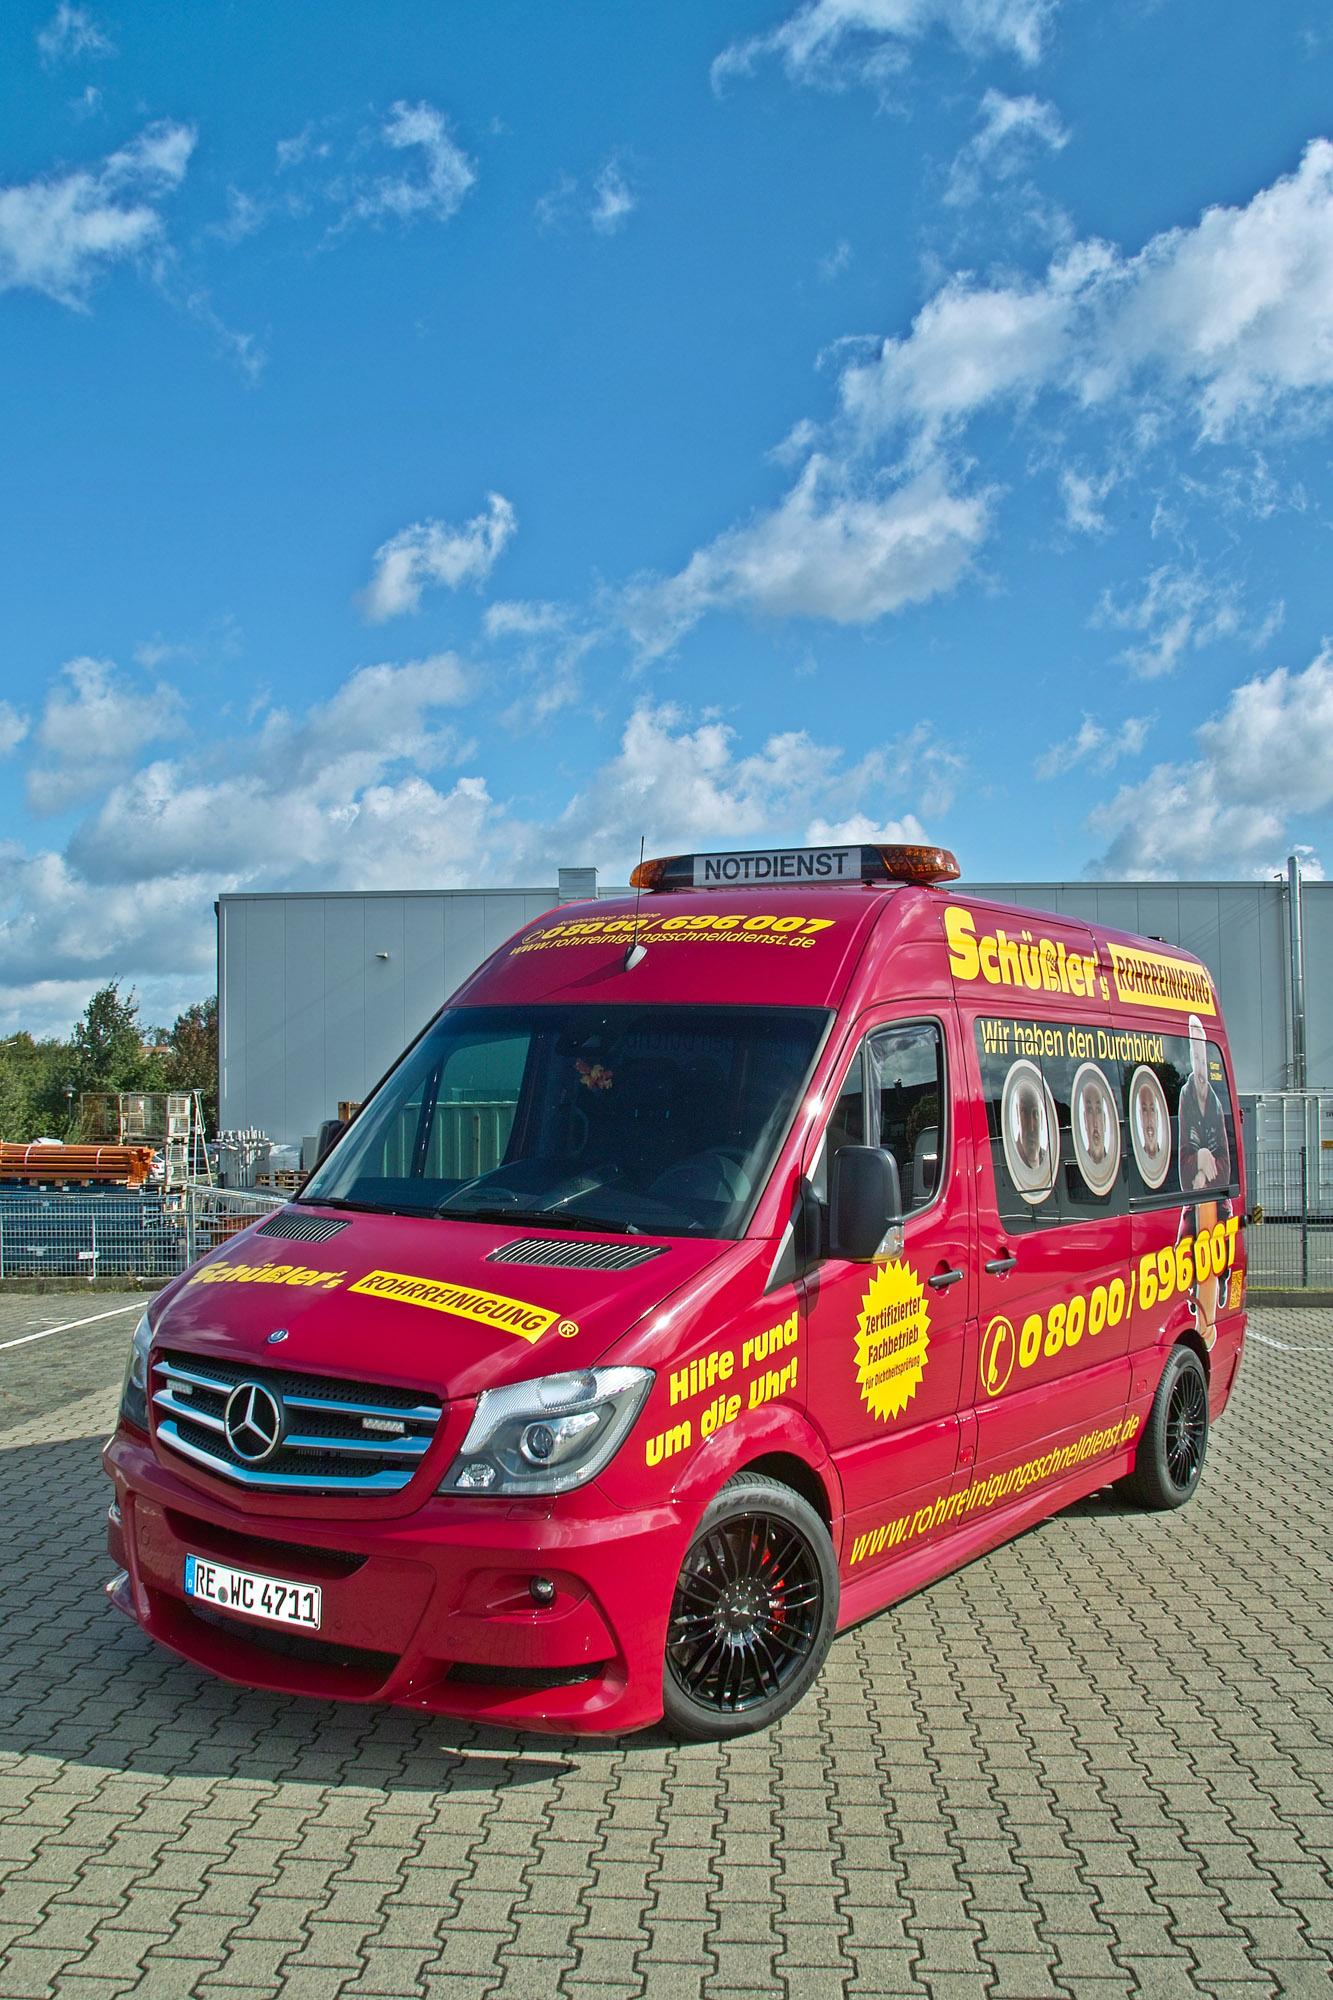 Mercedes Work Van >> Hartmann Tuning Work on Mercedes-Benz Sprinter